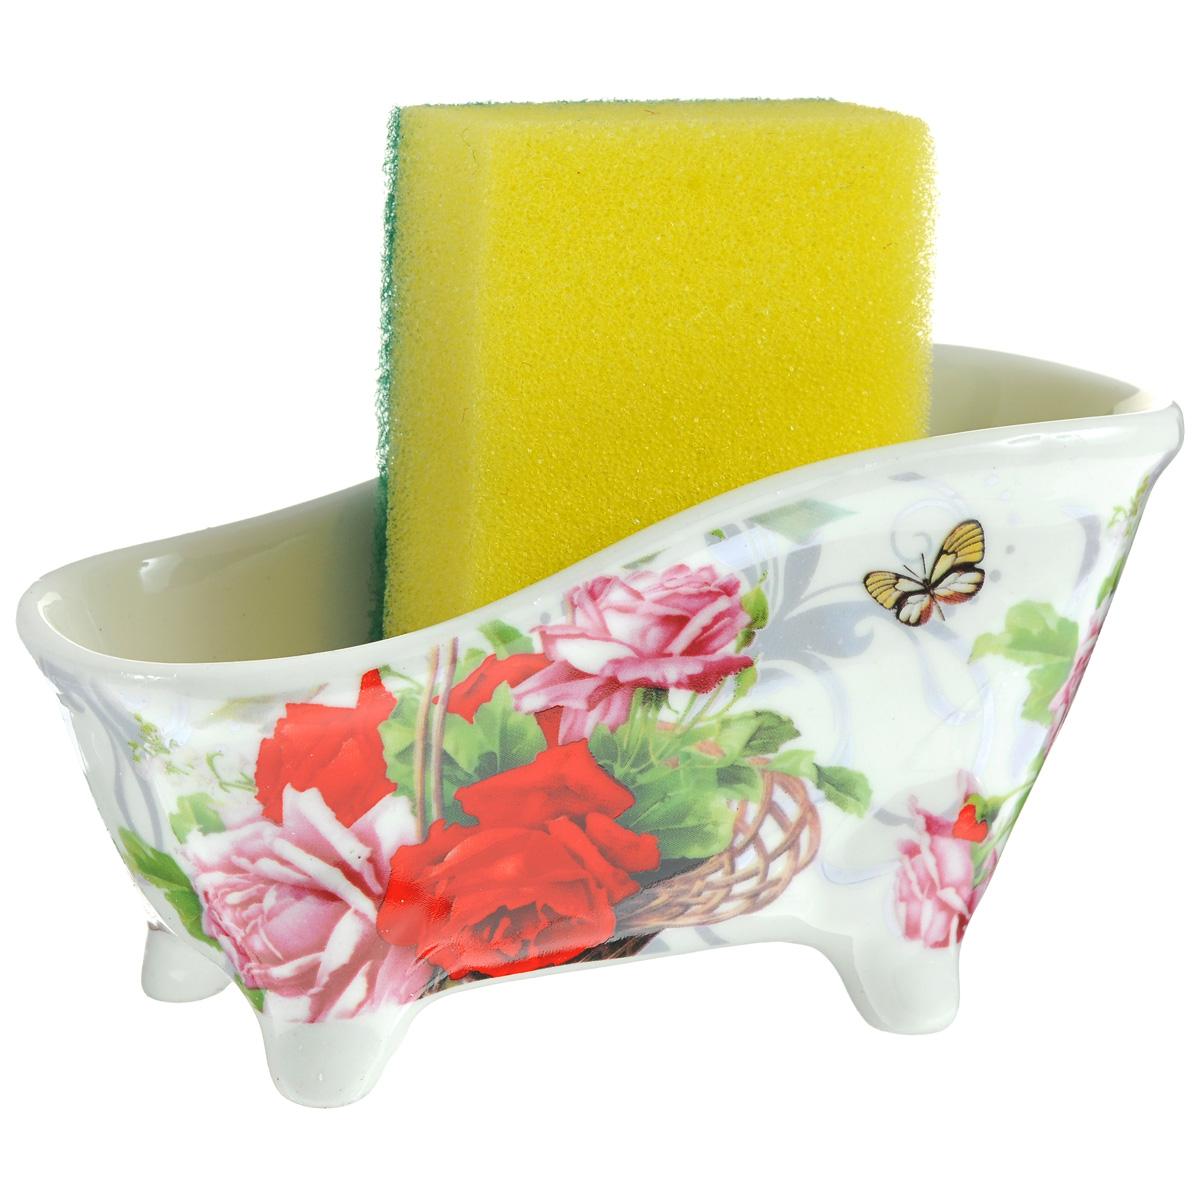 Набор для мытья посуды Besko Корзина роз, 2 предмета. 532-156532-156Набор для мытья посуды Besko Корзина роз состоит из подставки и губки. Подставка выполнена из фарфора в виде ванночки на четырех ножках. Губка идеально впитывает влагу и деликатно очищает поверхность, не царапая ее.